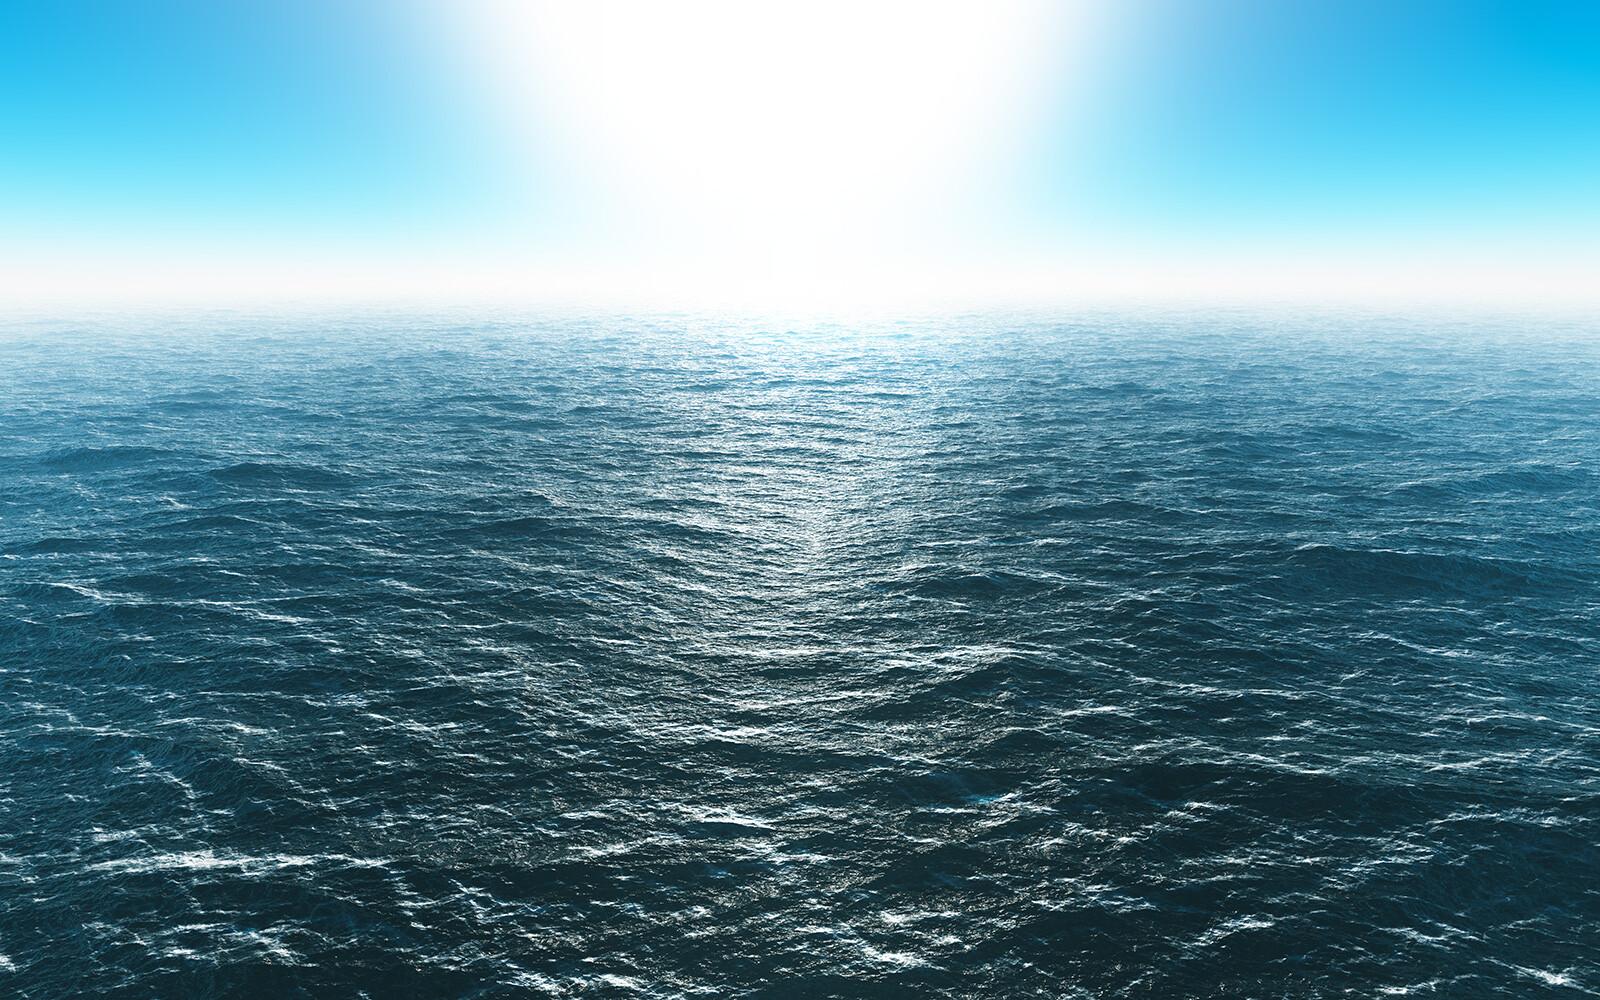 Sea 1 - Carl Miller